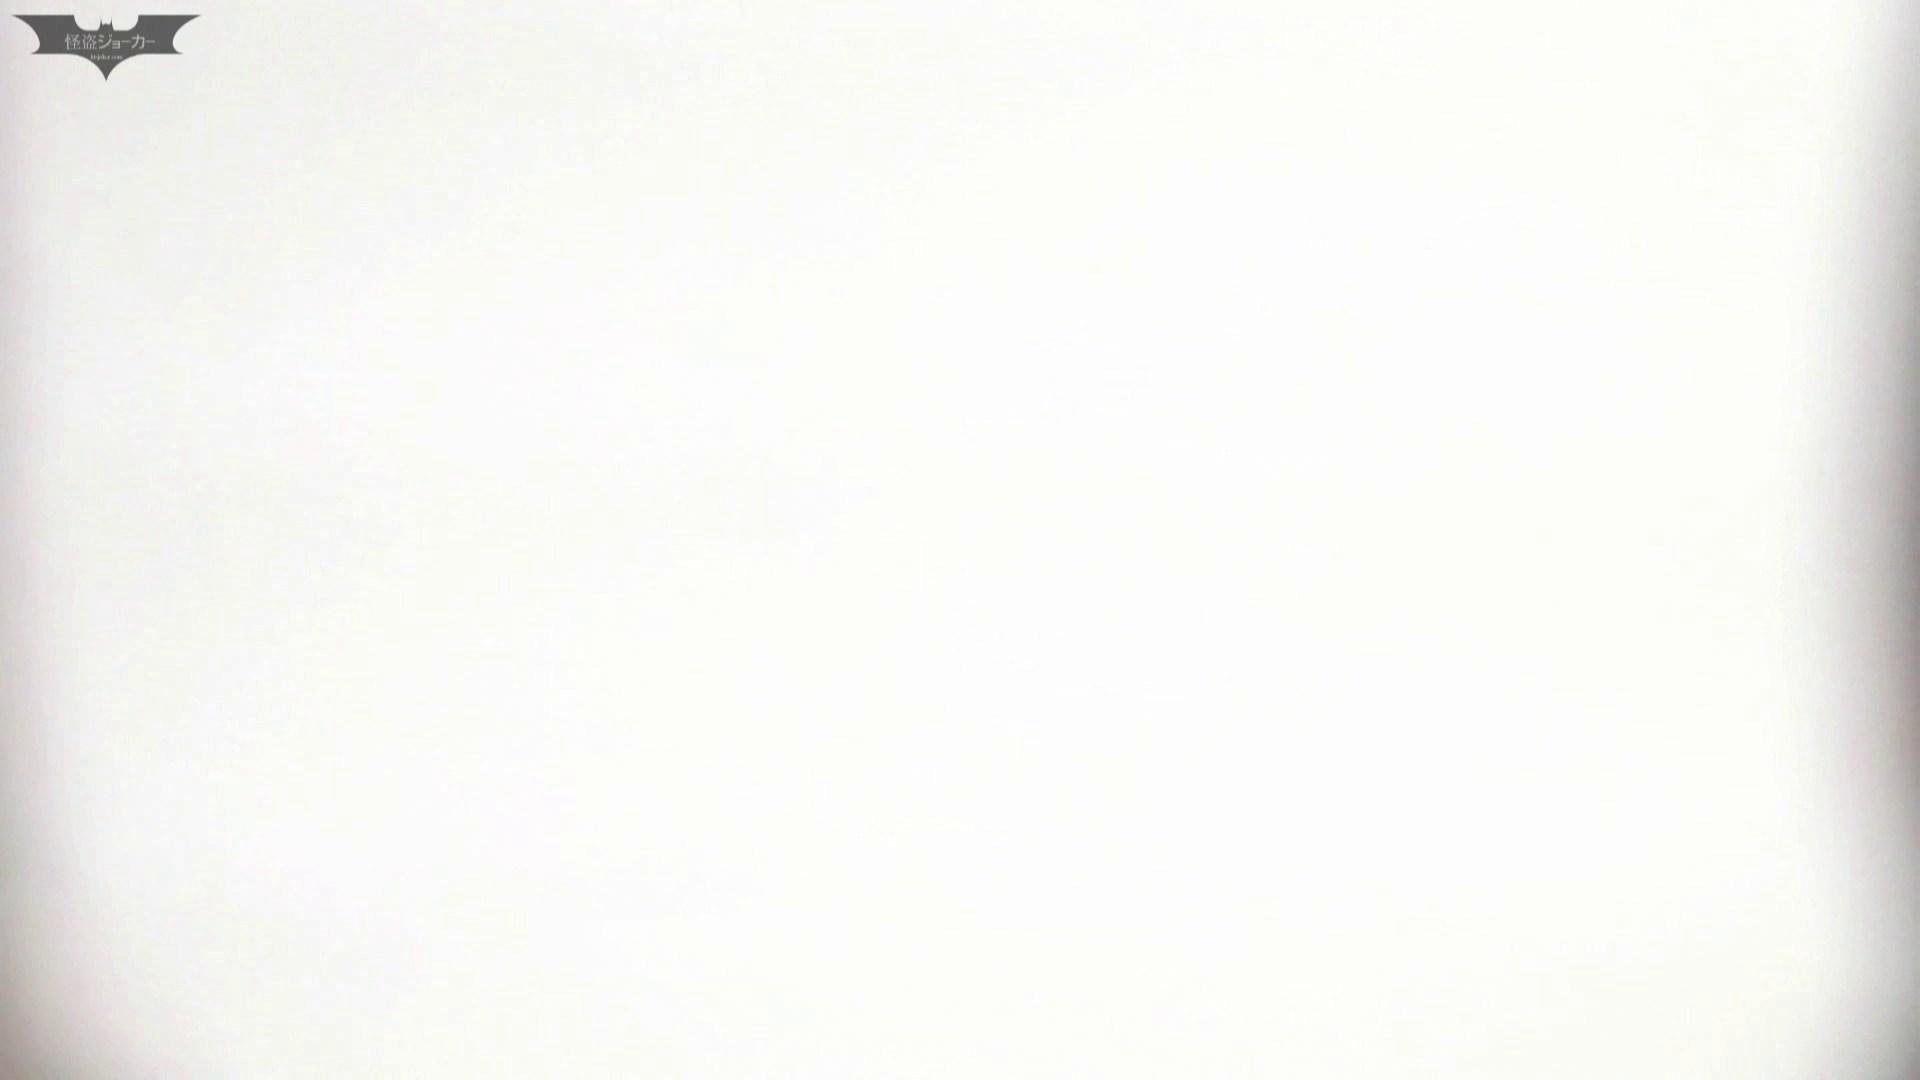 【潜入トイレ盗撮】洗面所特攻隊 vol.70 極上品の連続、歌いながら美女入室 盗撮エロすぎ | トイレ中  90連発 24